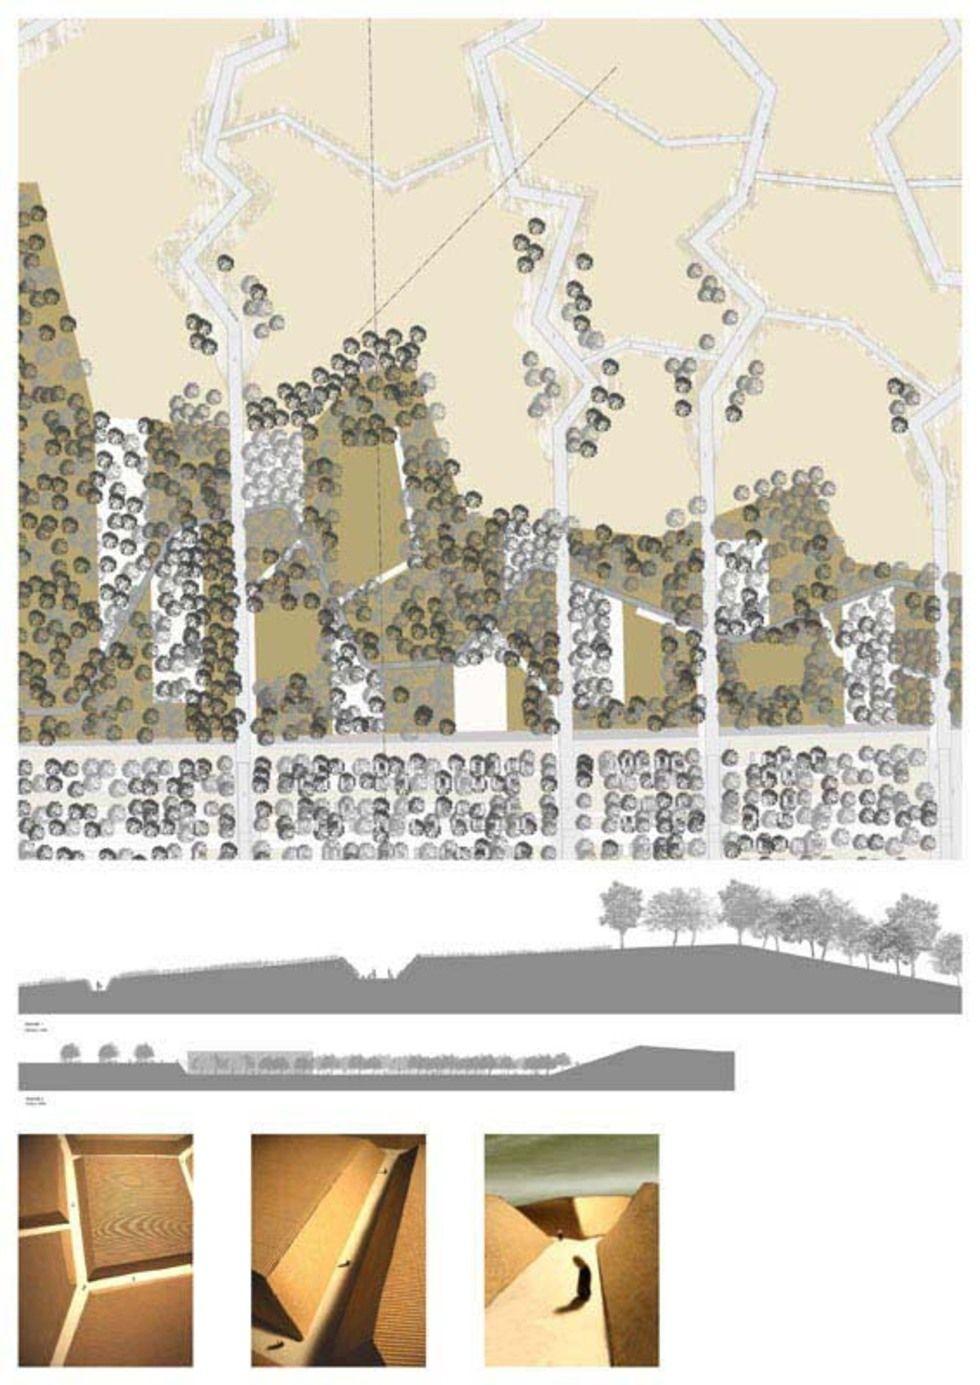 Nuovo Parco Urbano Di Bagnoli Landscape Map Diagram